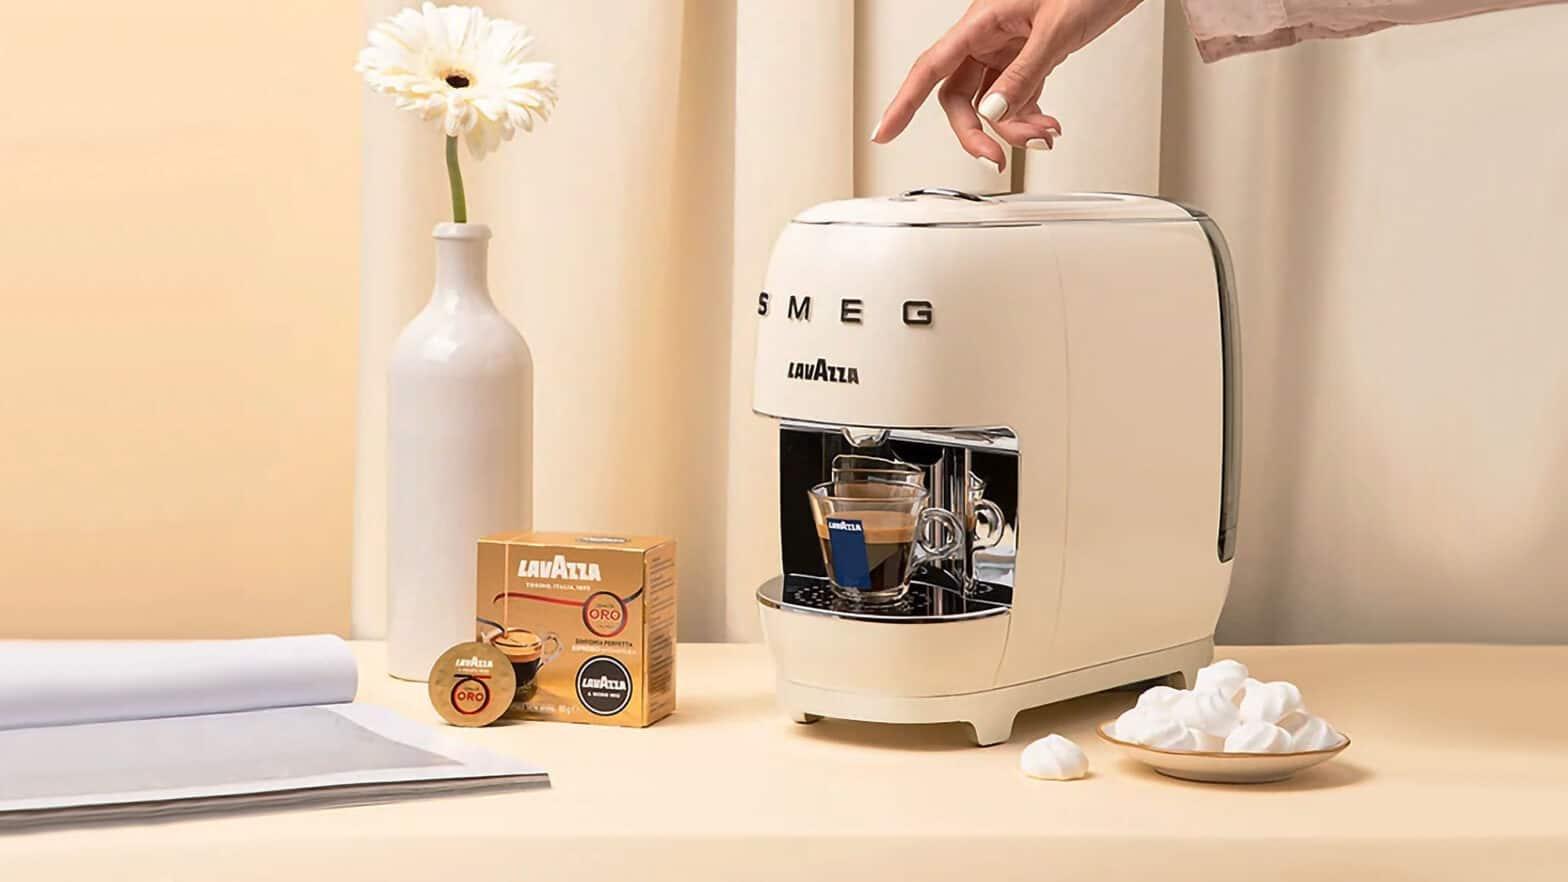 Lavazza A Modo Mio SMEG Offers a New Take on Delicious Espresso